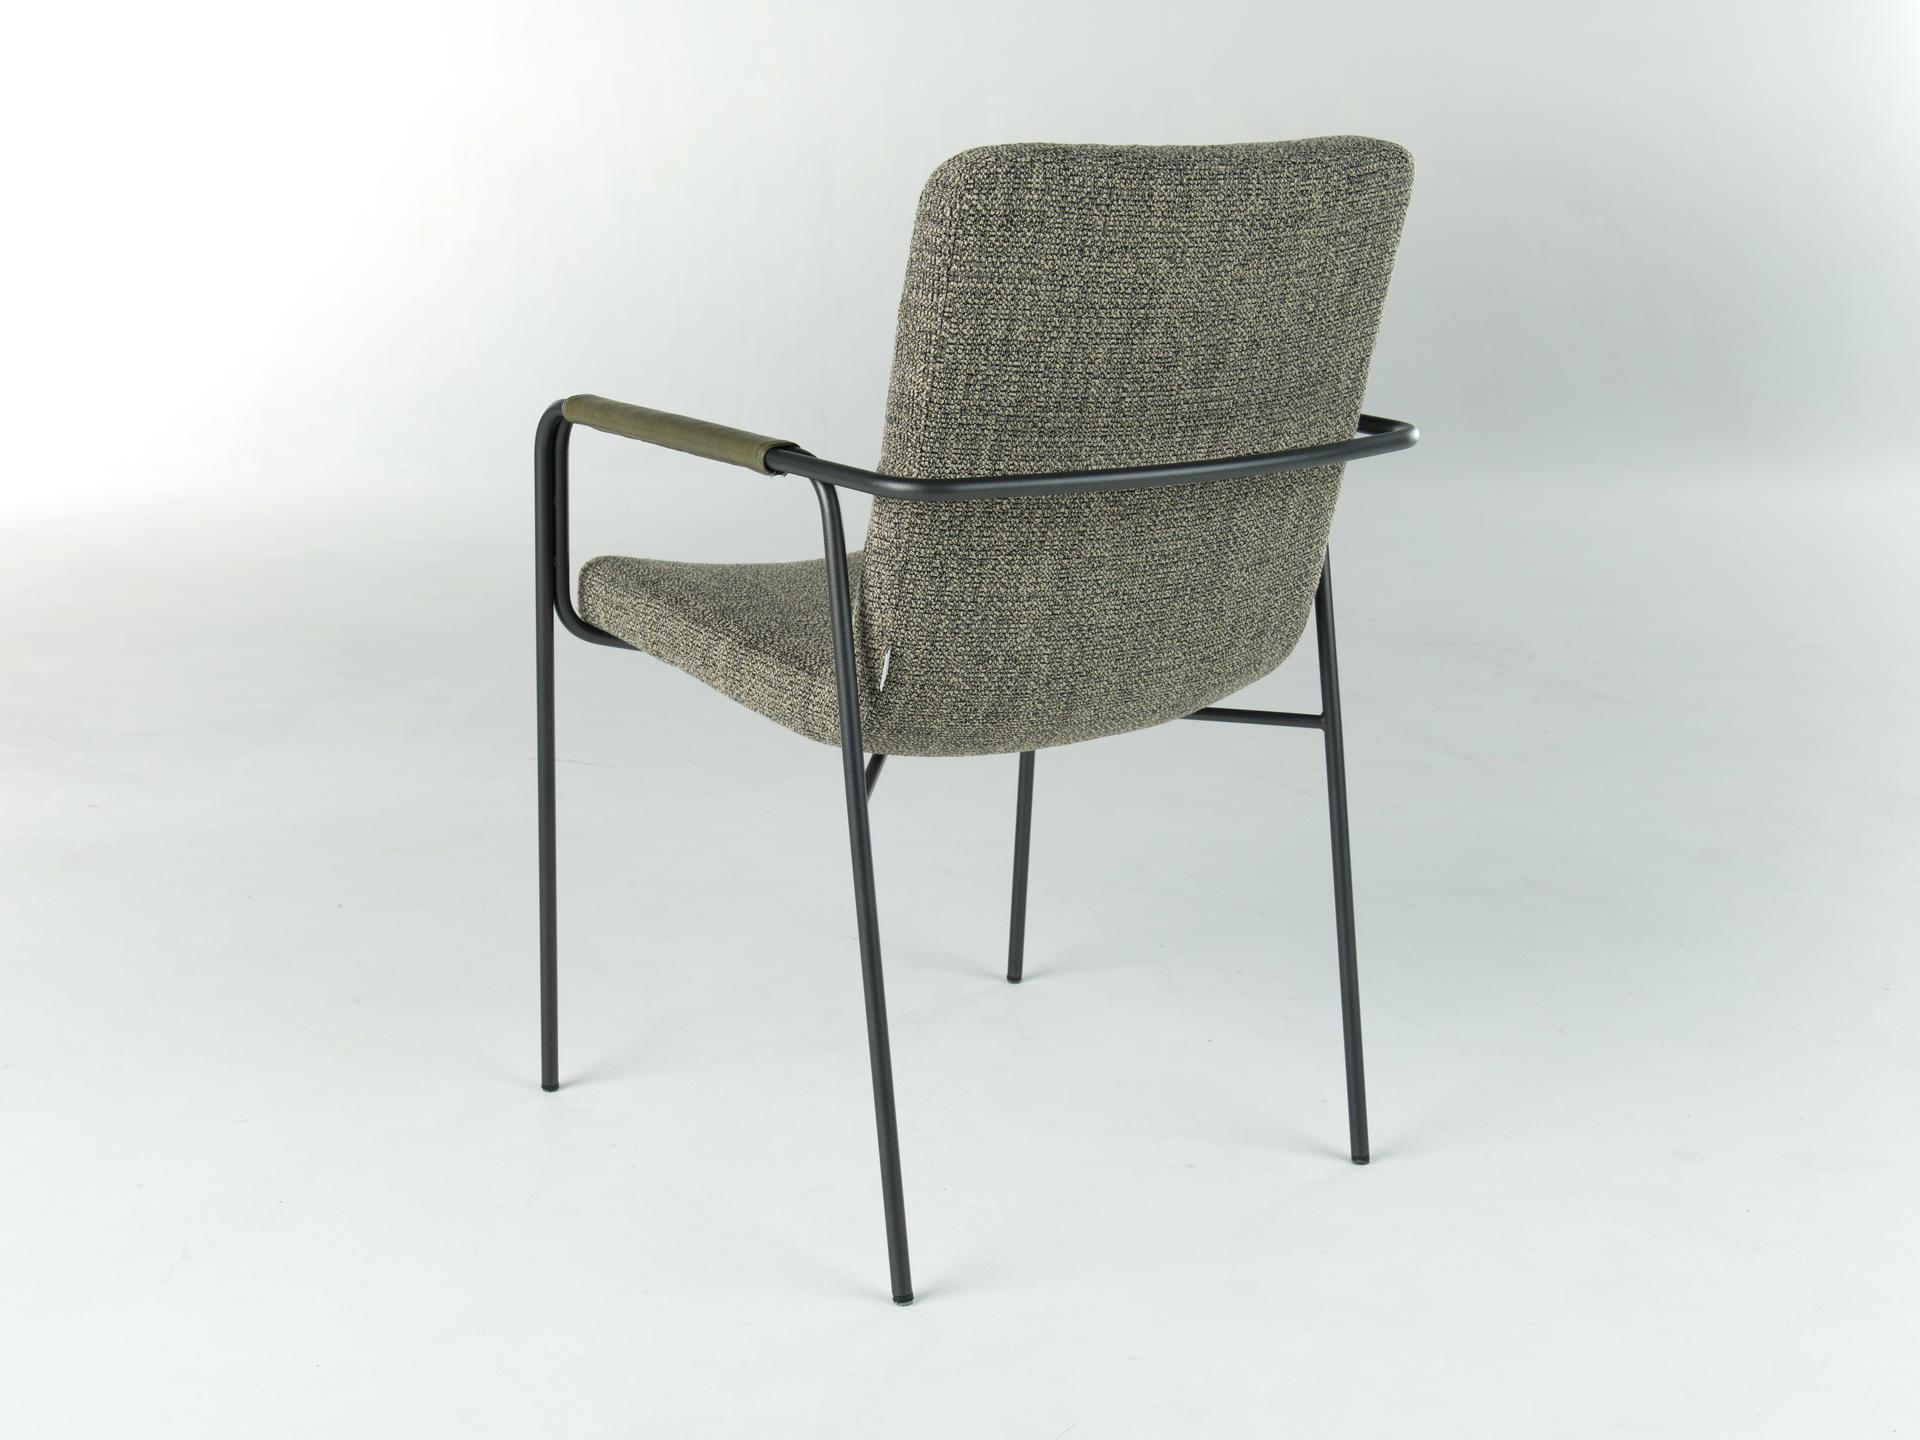 стул TIBBE, Bert Plantagie, фото 2